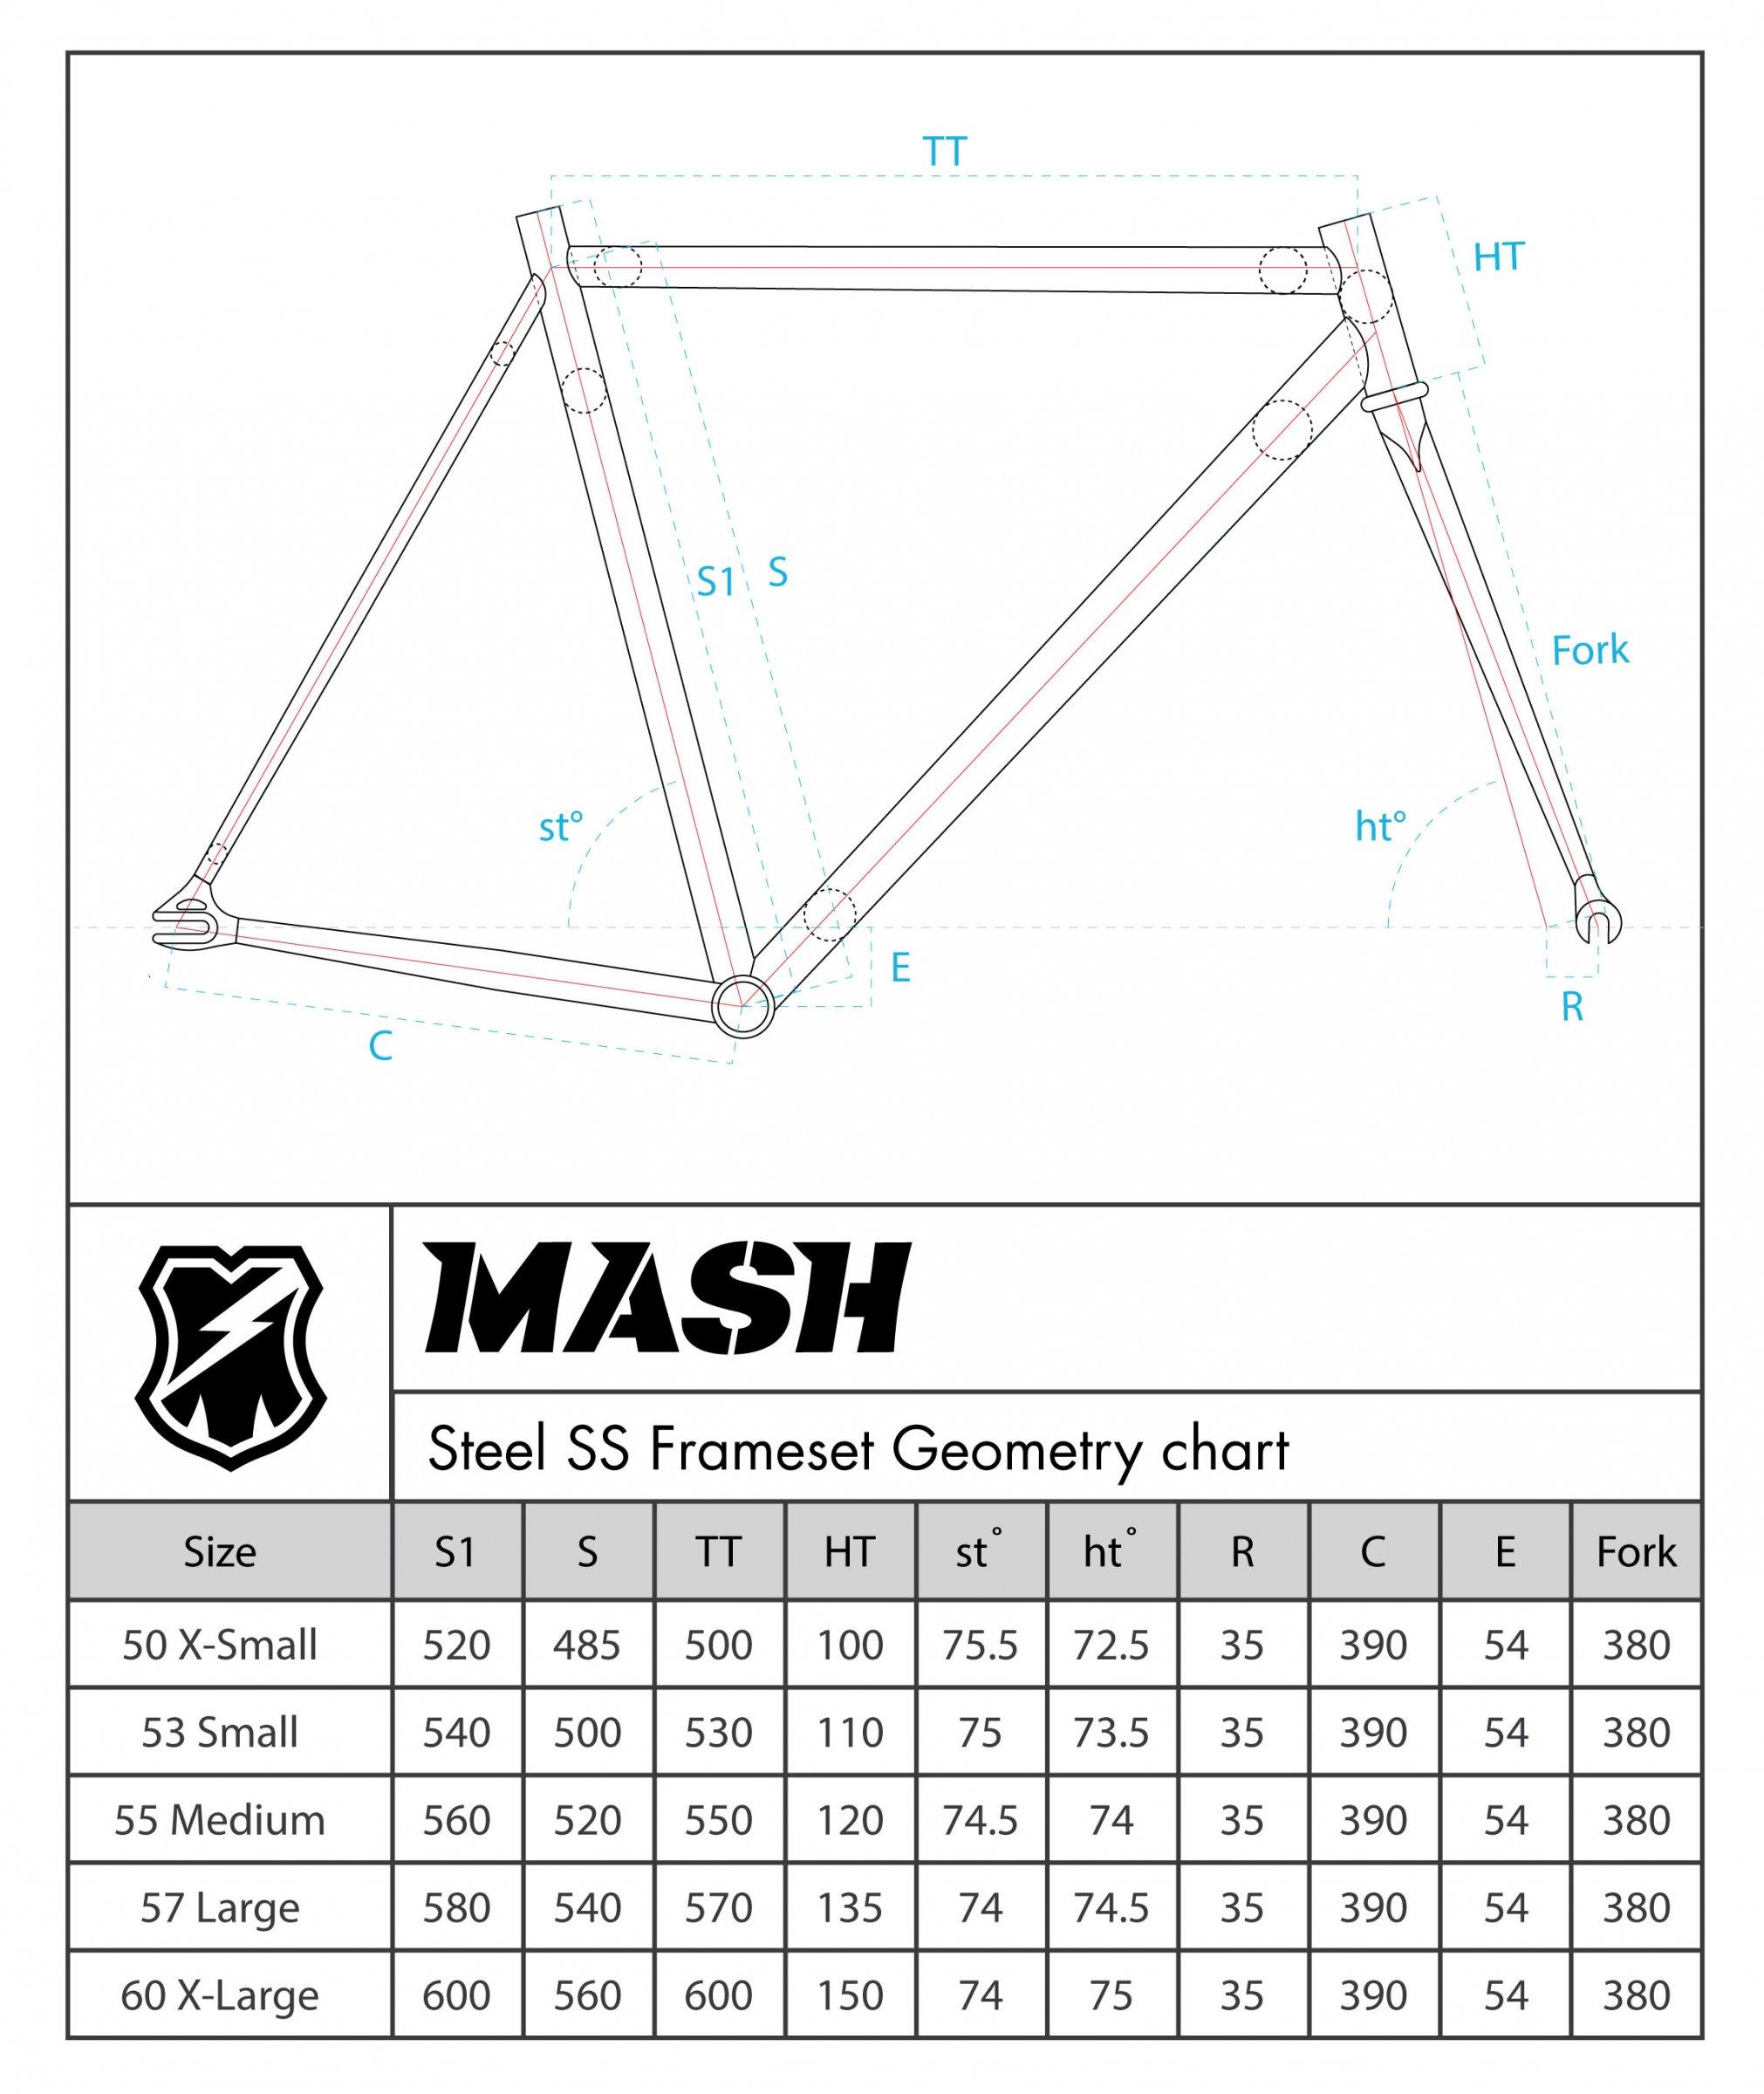 mash_steel_geo_file_2.